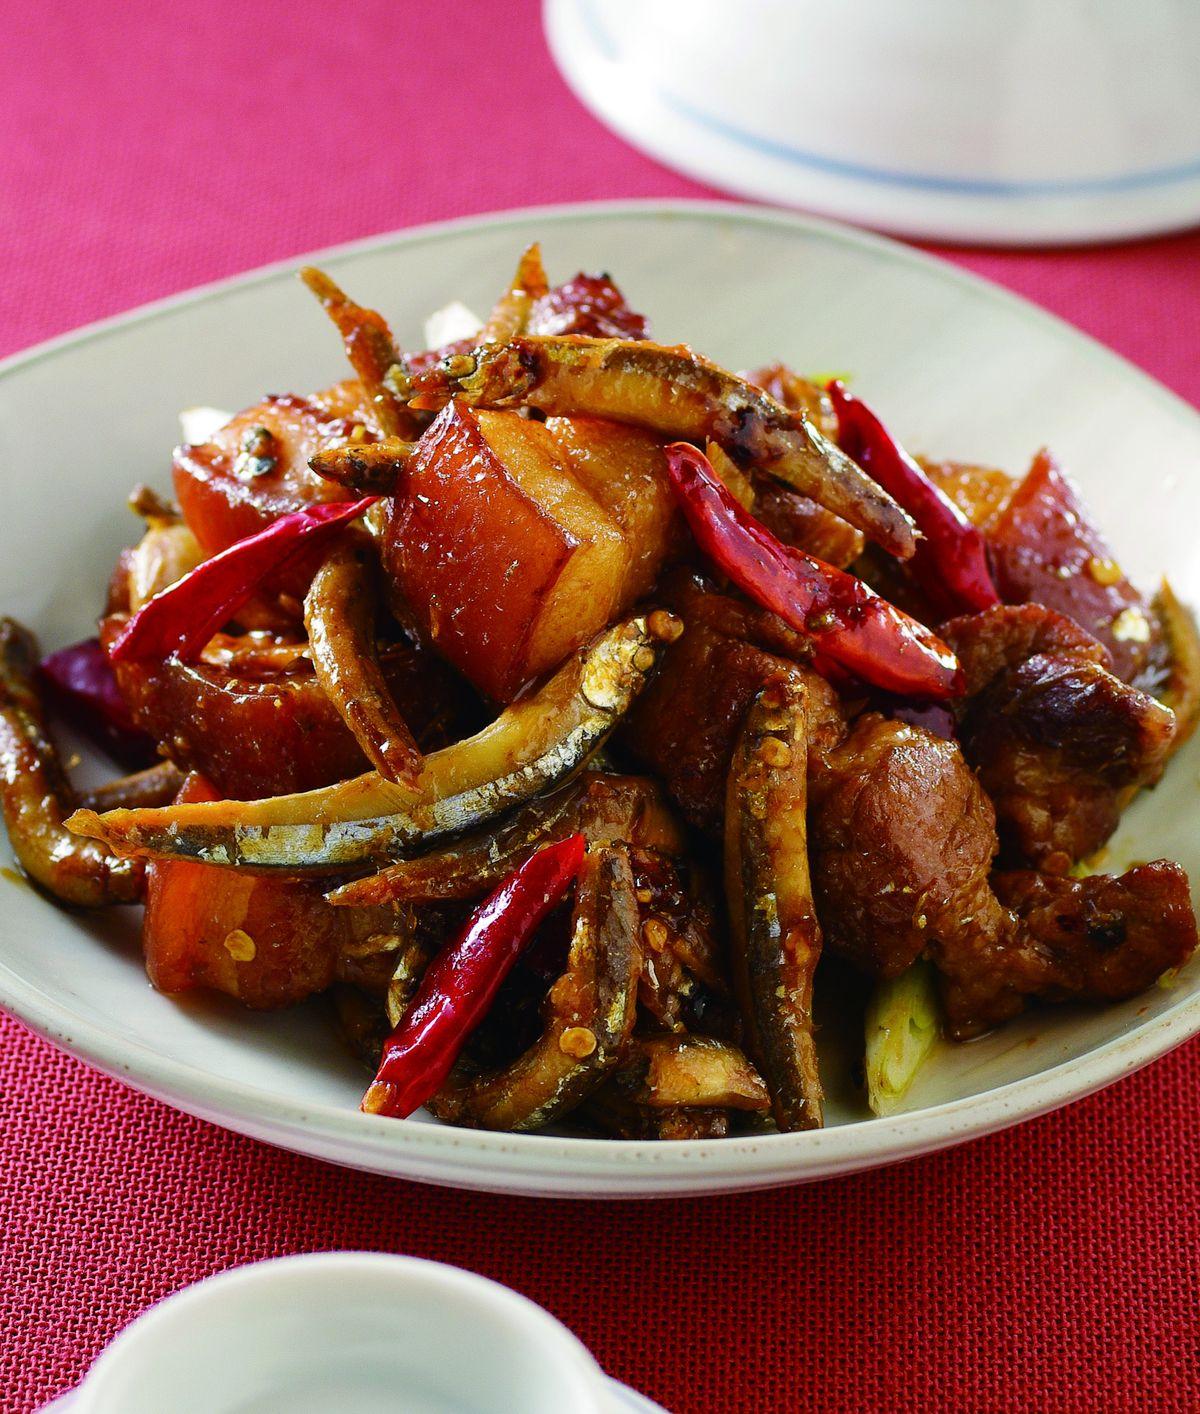 食譜:丁香魚乾燒肉